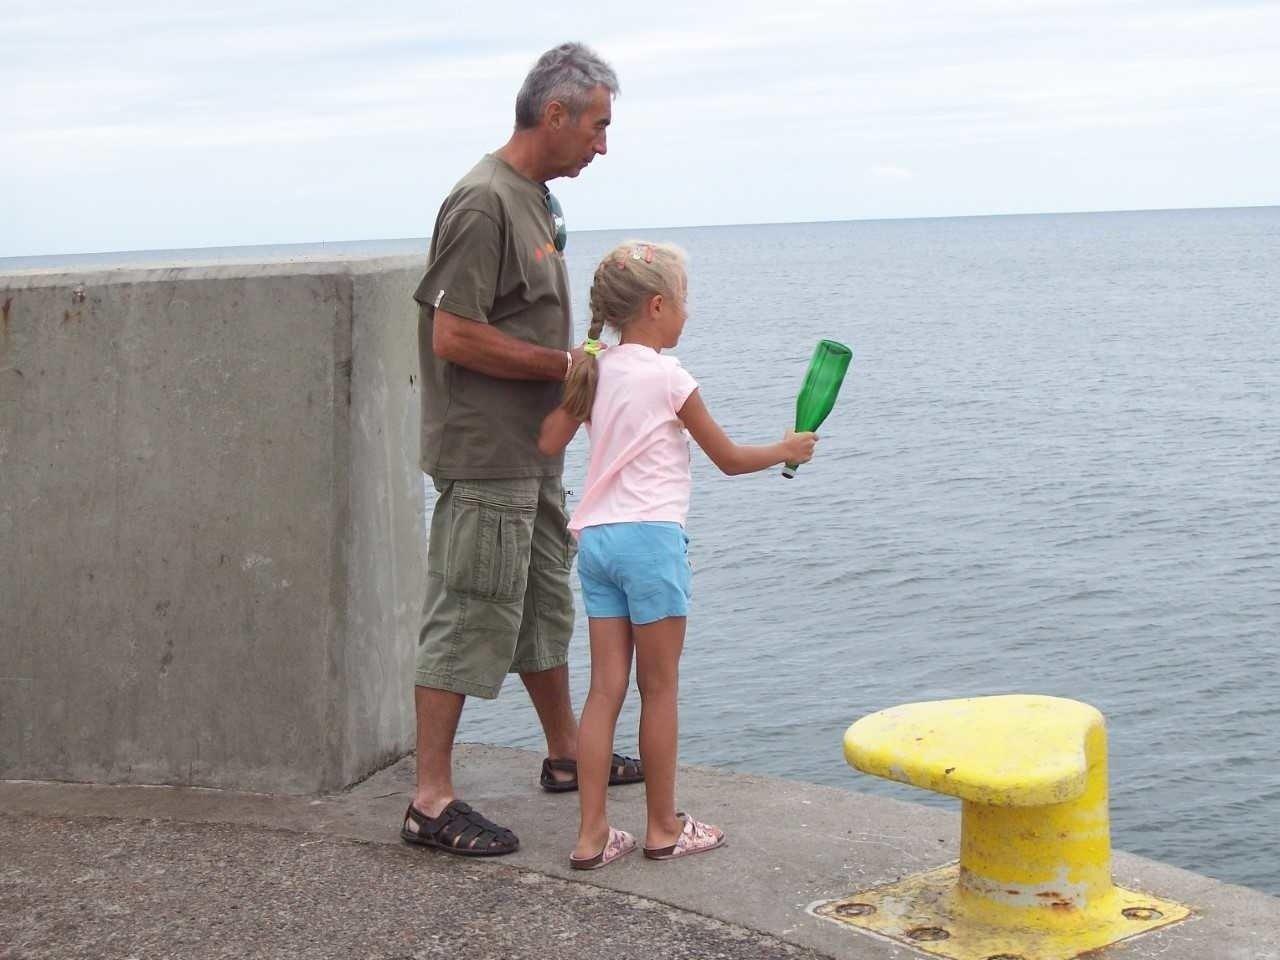 Dziewczynka Z łodzi Wysłała List W Butelce Dostała Paczkę Ze